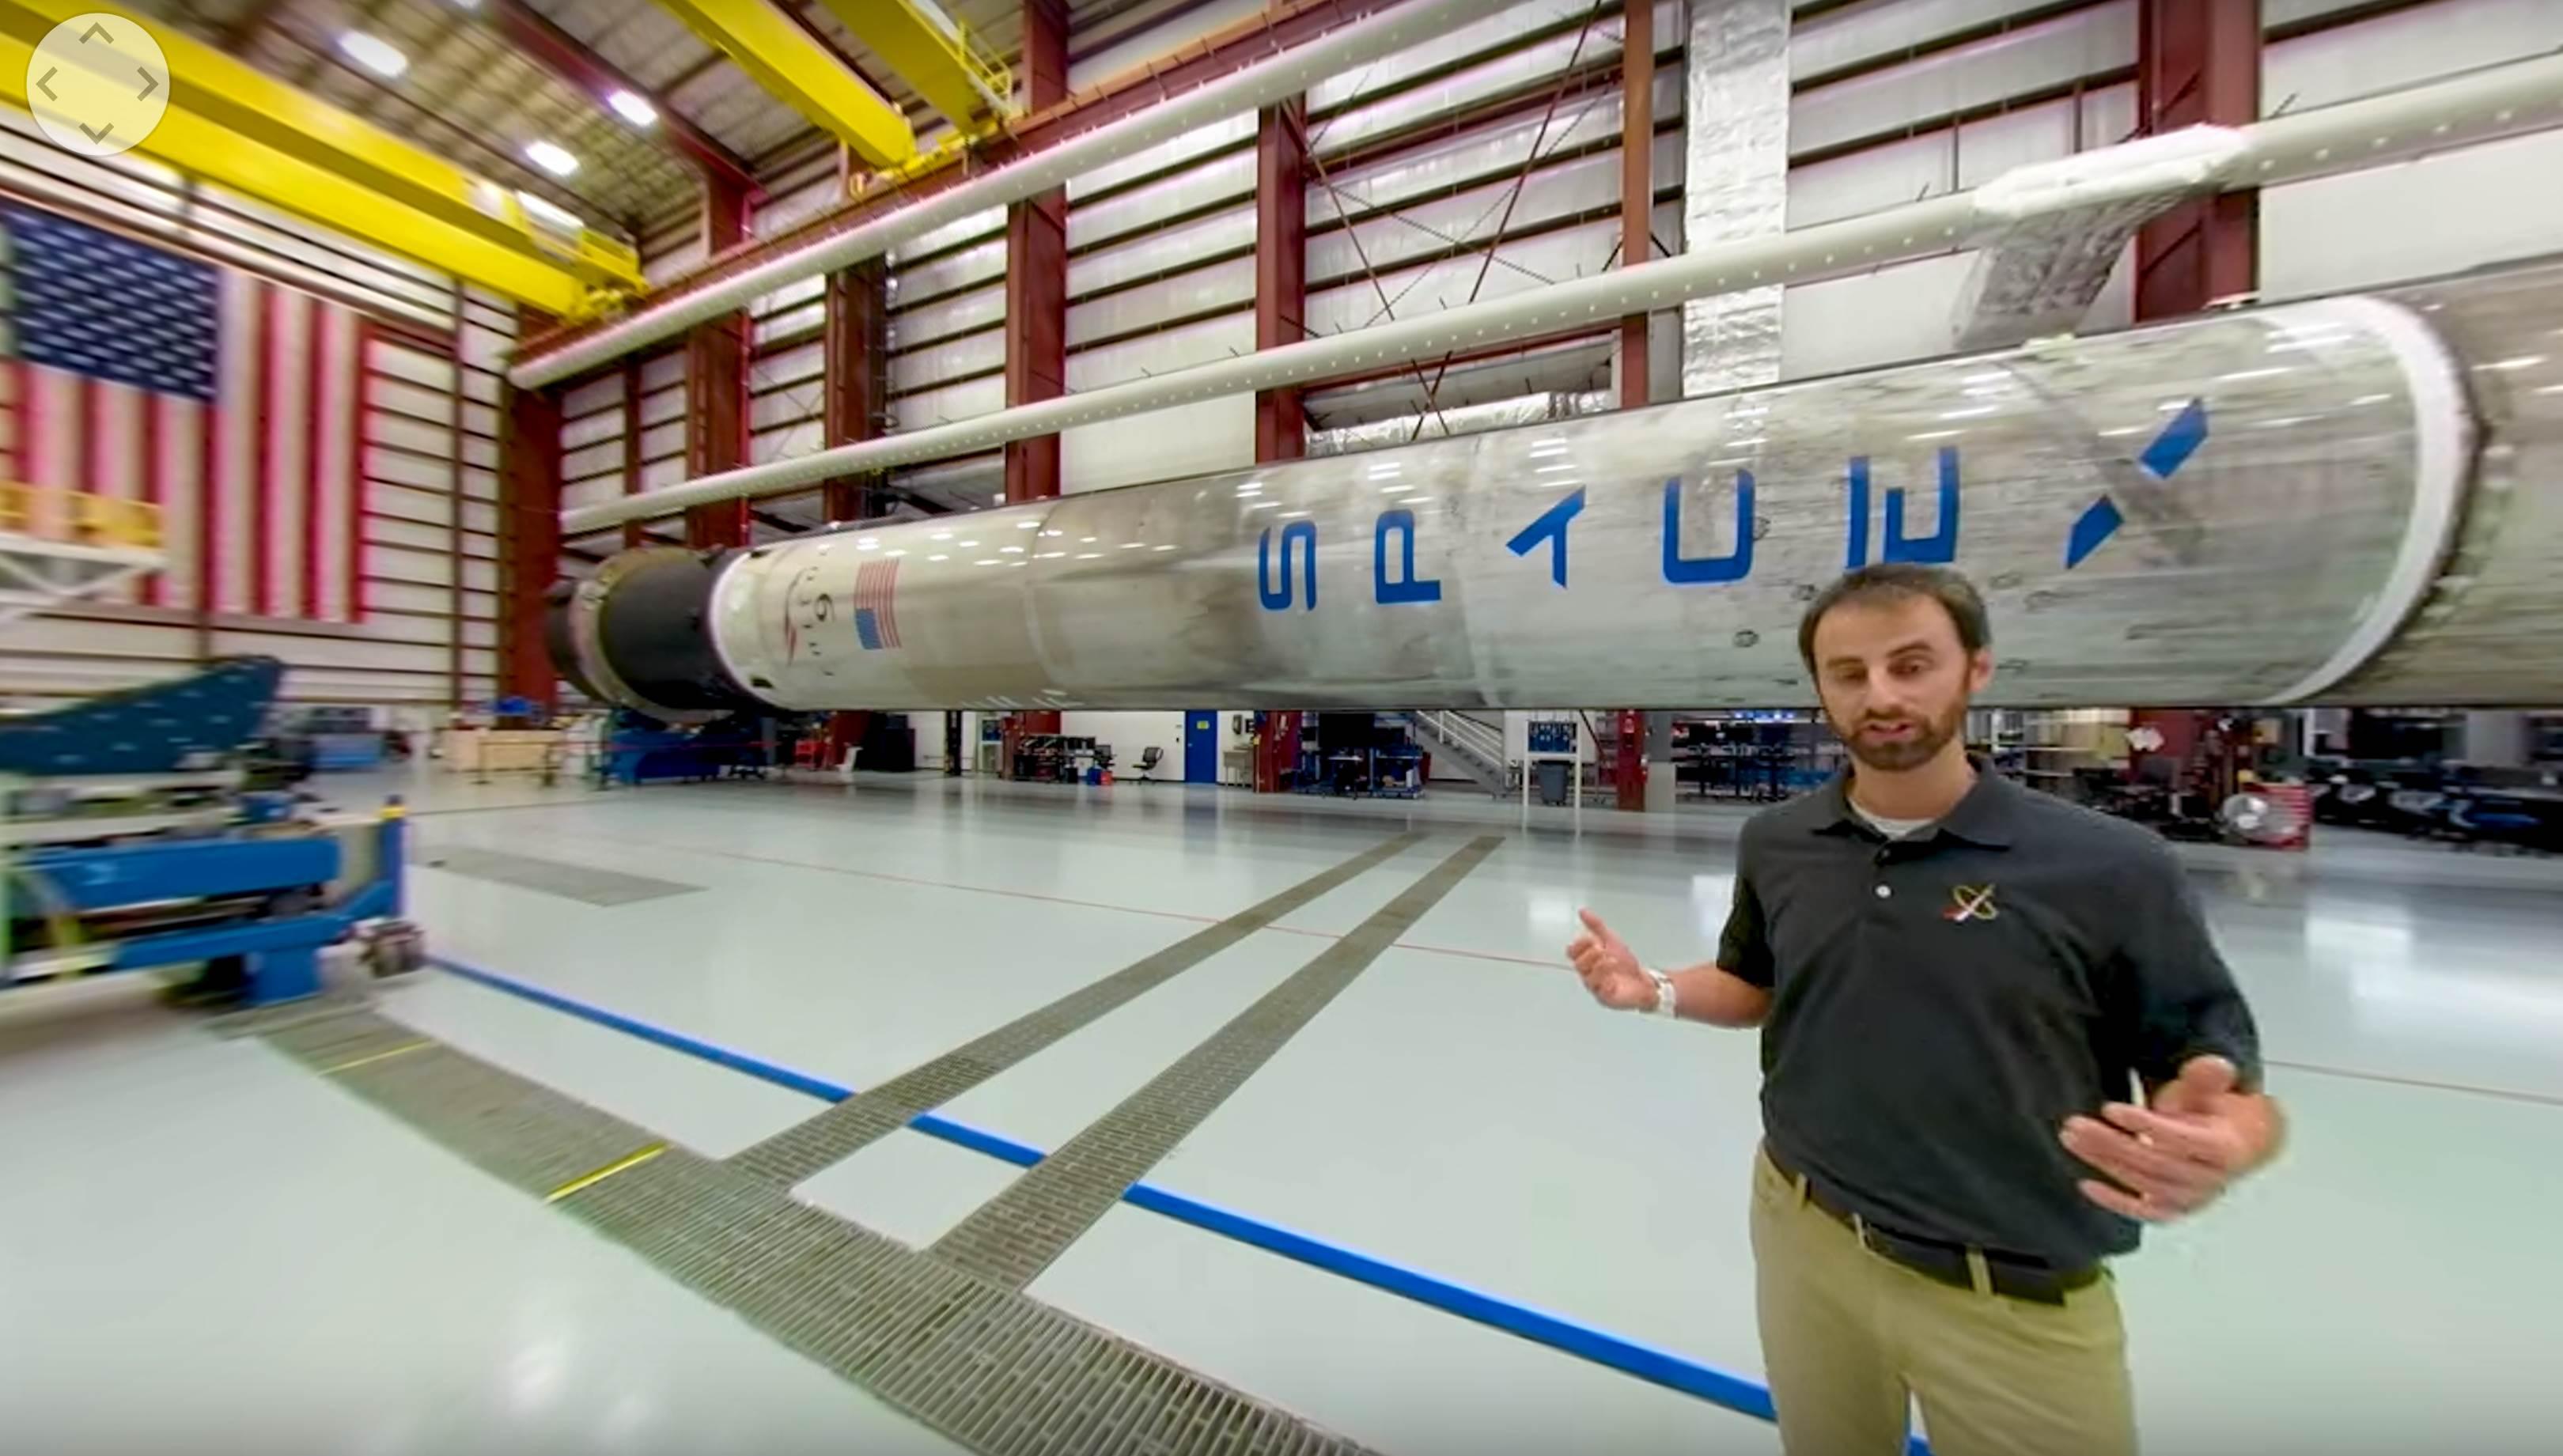 LC-39A tour 2019 (NASA) Falcon 9 2